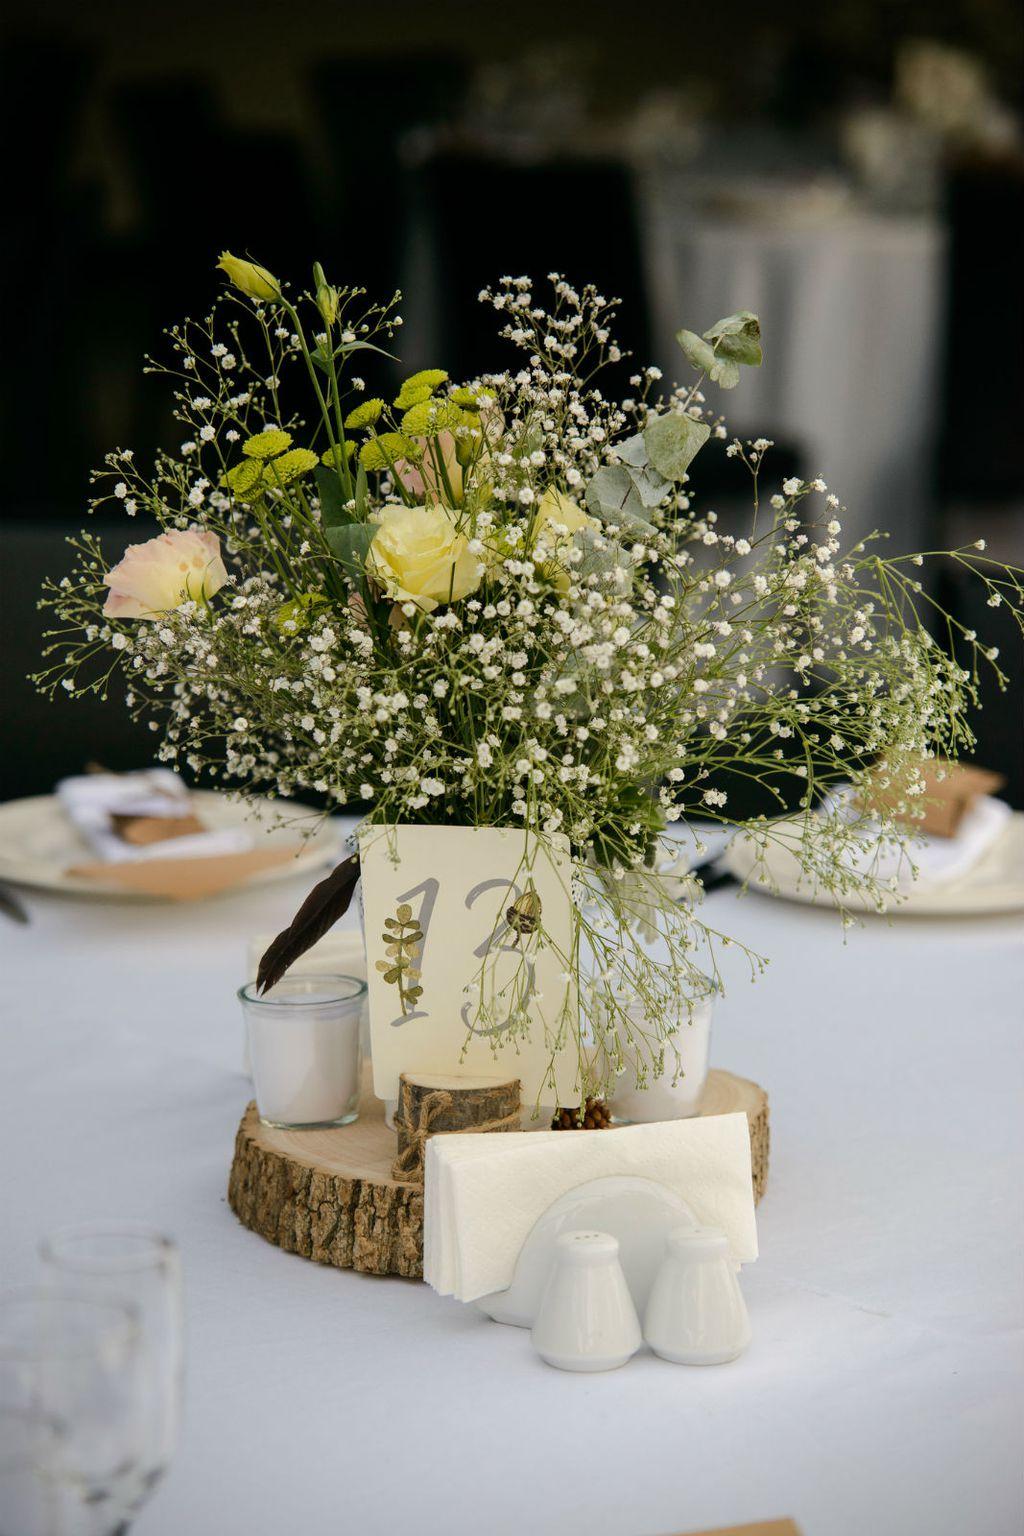 Drvene detalje imati ćemo priliku češće viđati na vjenčanjima u 2018. (Foto:Guliver/Thinkstock)